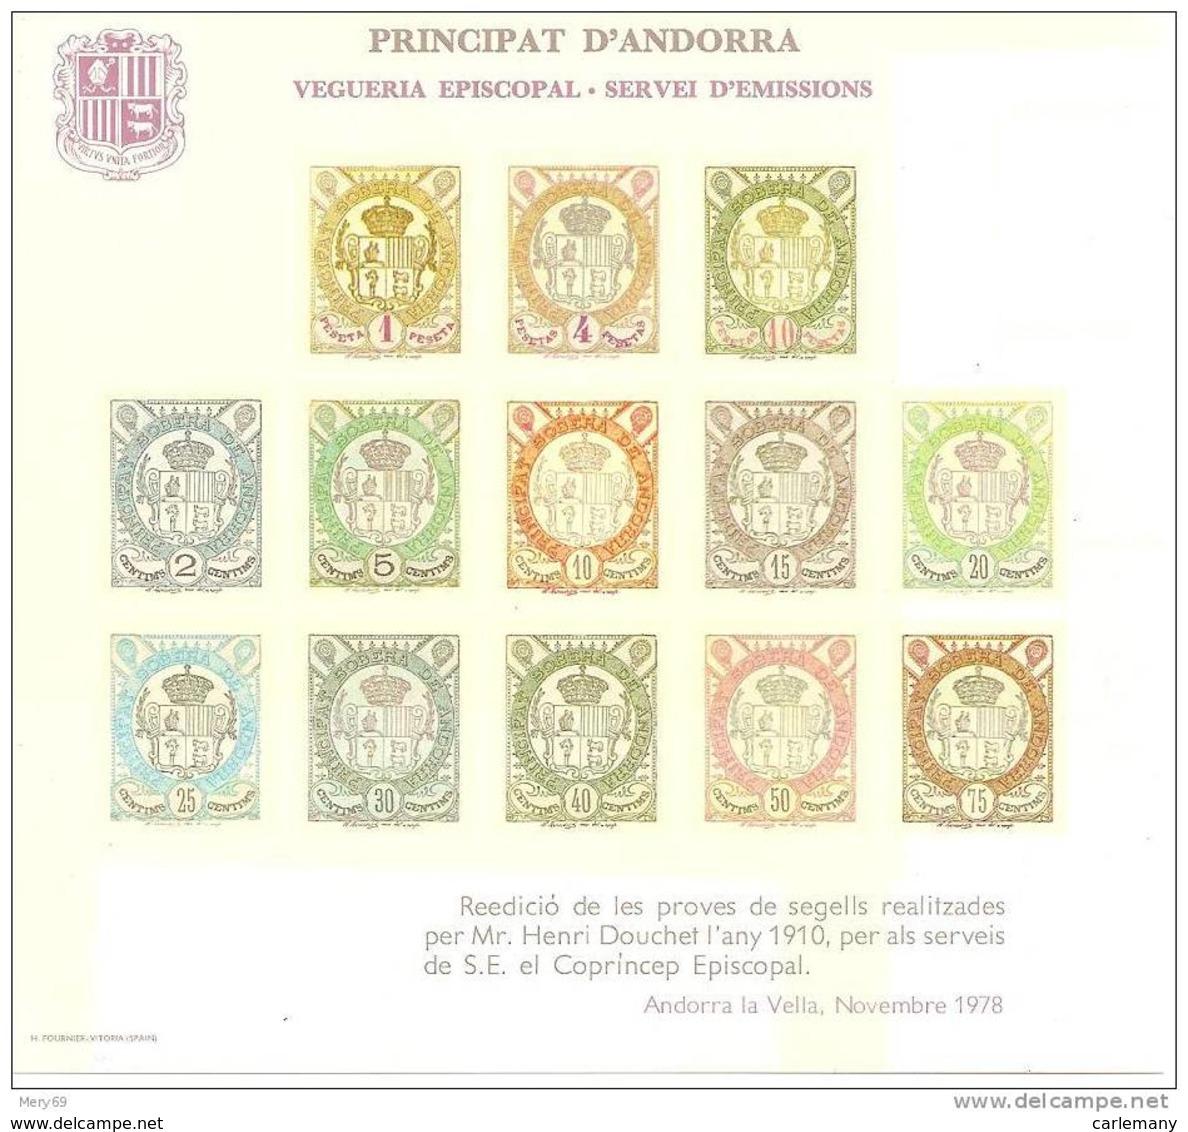 Doc. Andorra  (Andorre)  Essai Timbres H.Douchet 1910-1978 - Timbres